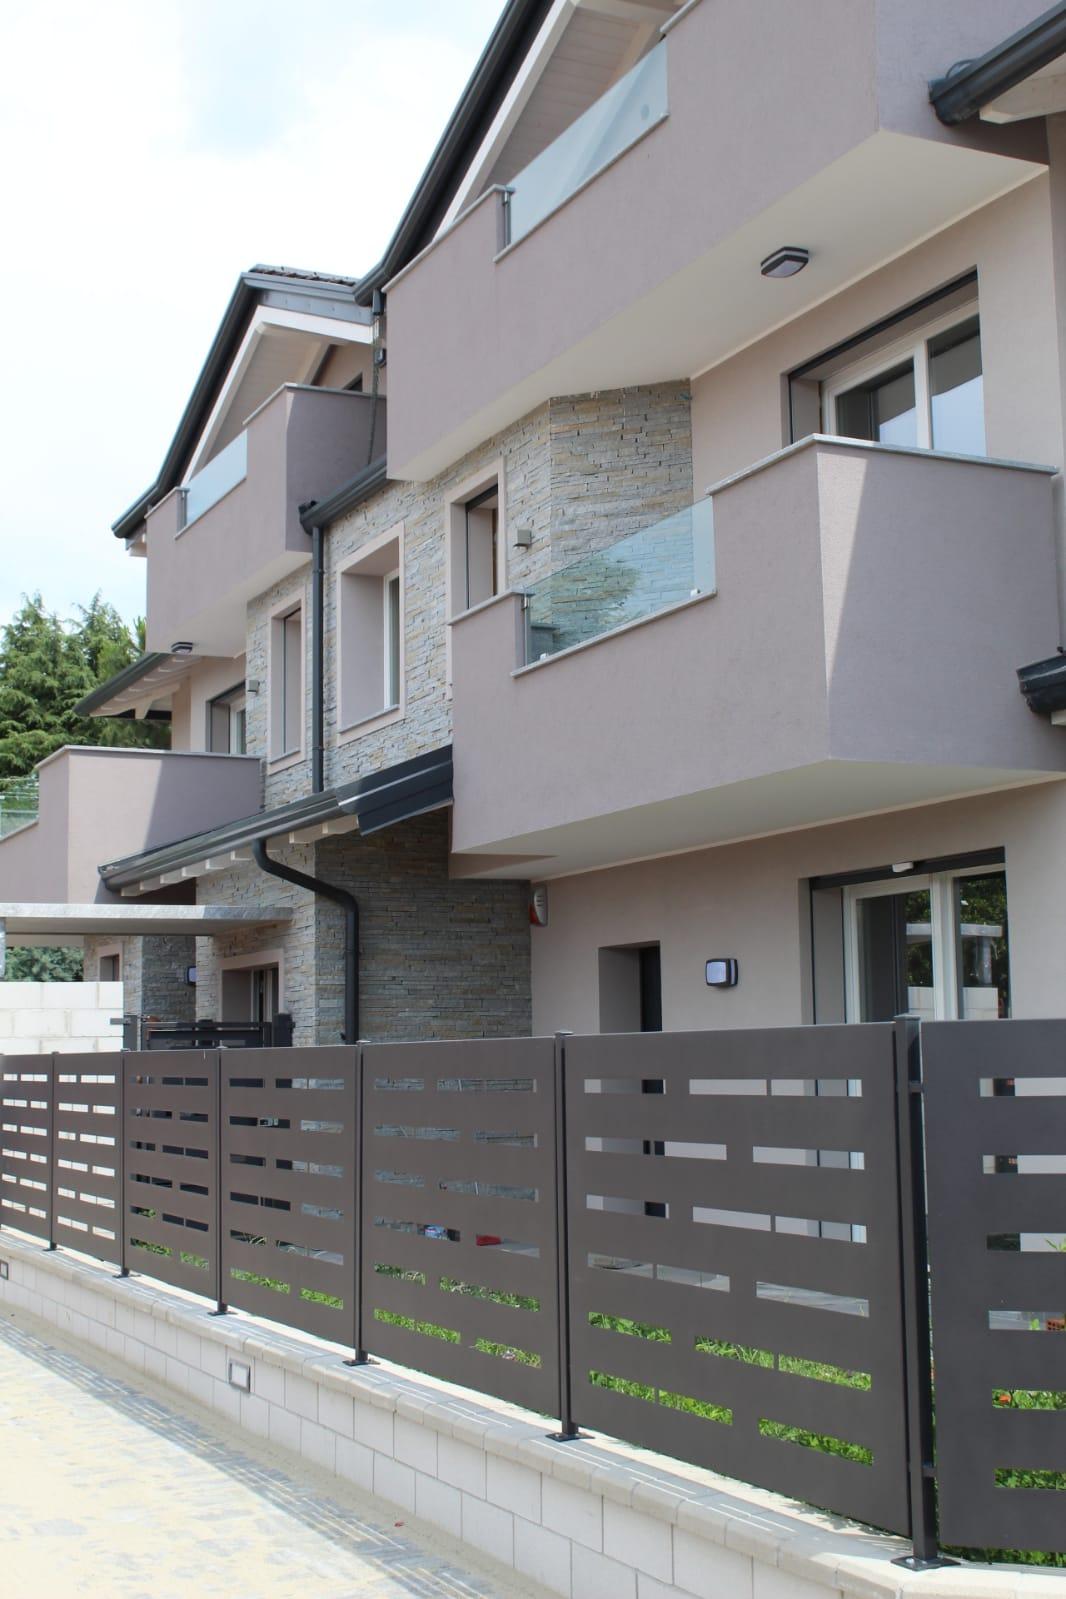 15 Via Quasimodo, Bienate di Magnago, 20020, 3 Stanze da Letto Stanze da Letto, ,2 BathroomsBathrooms,Appartamento,In vendita,Via Quasimodo ,1,1006